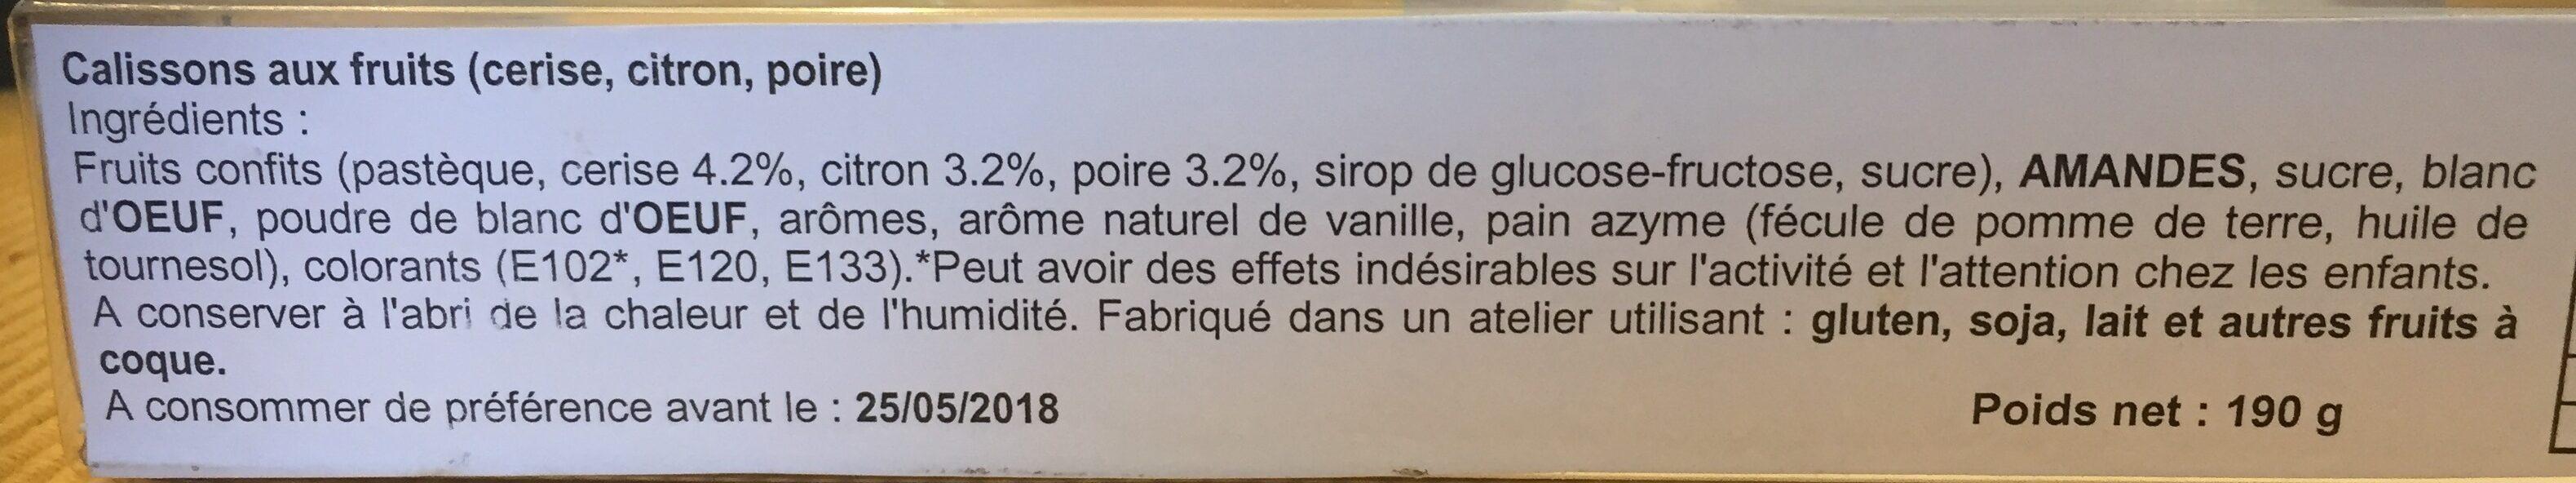 Calisson aux fruits - Ingrédients - fr